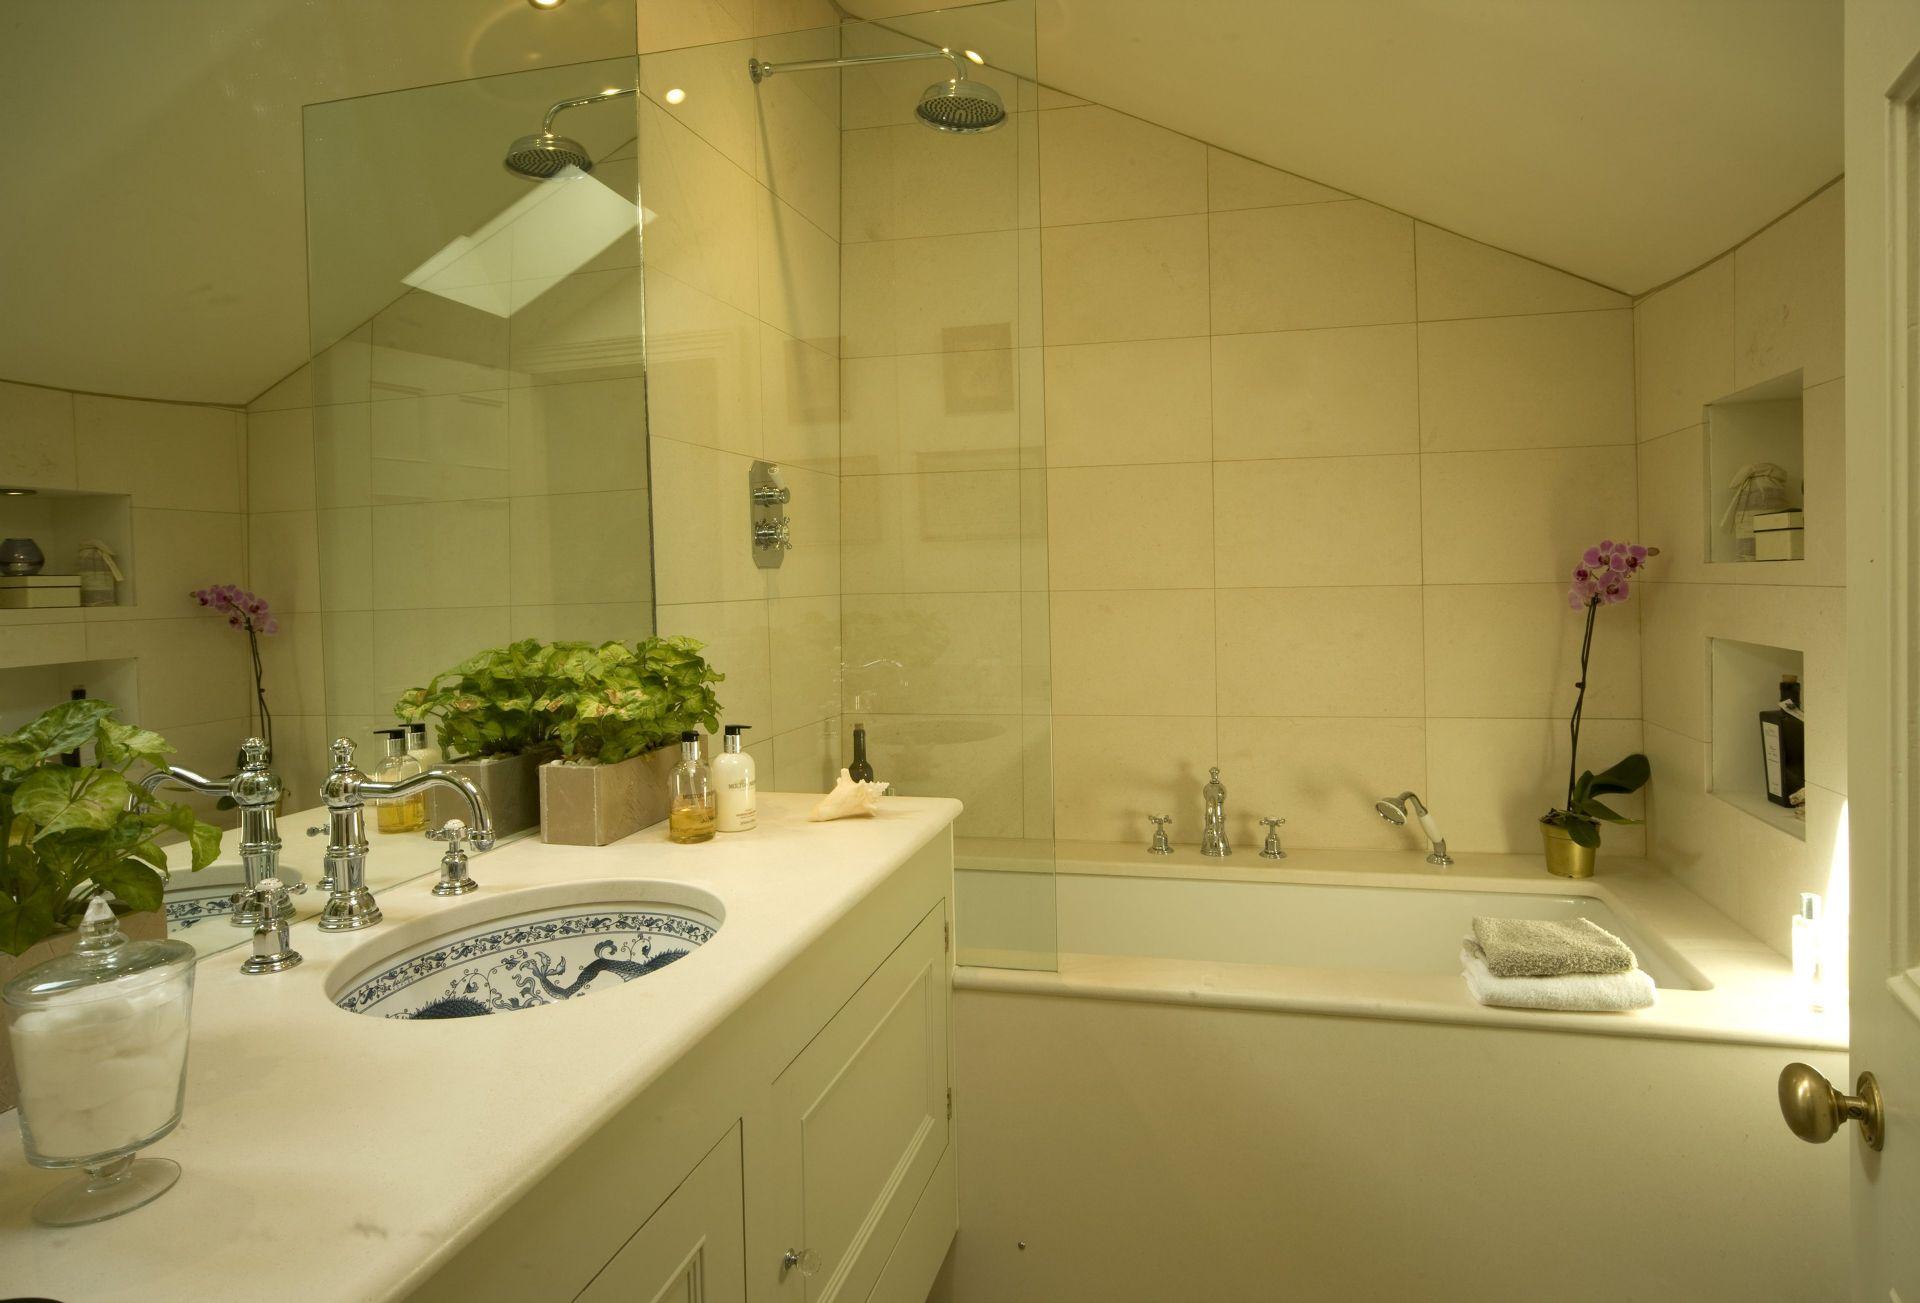 View of the en-suite Shower Room